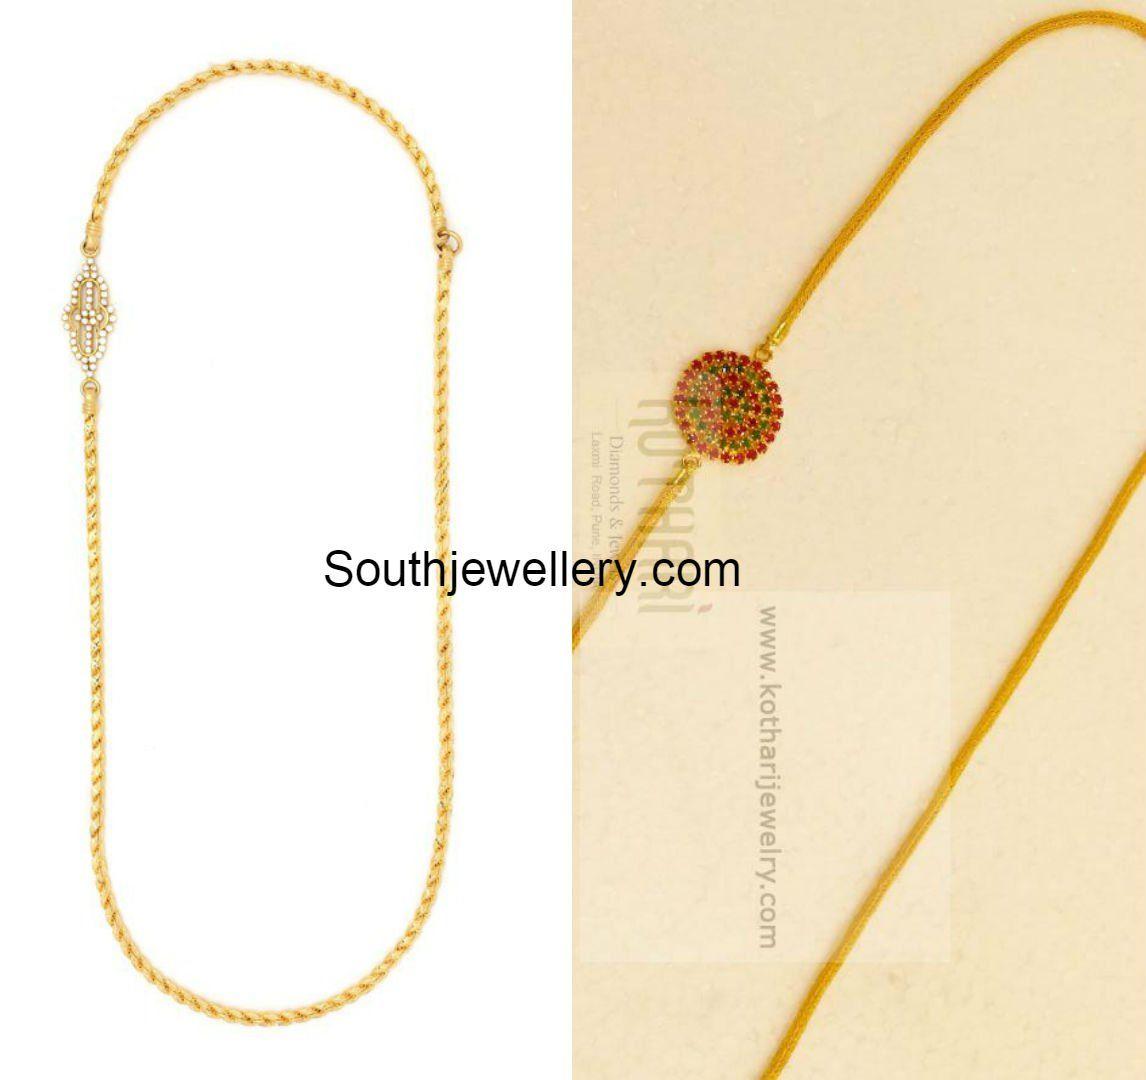 thalichaindesignsjpg 11461080 thai and karugamani